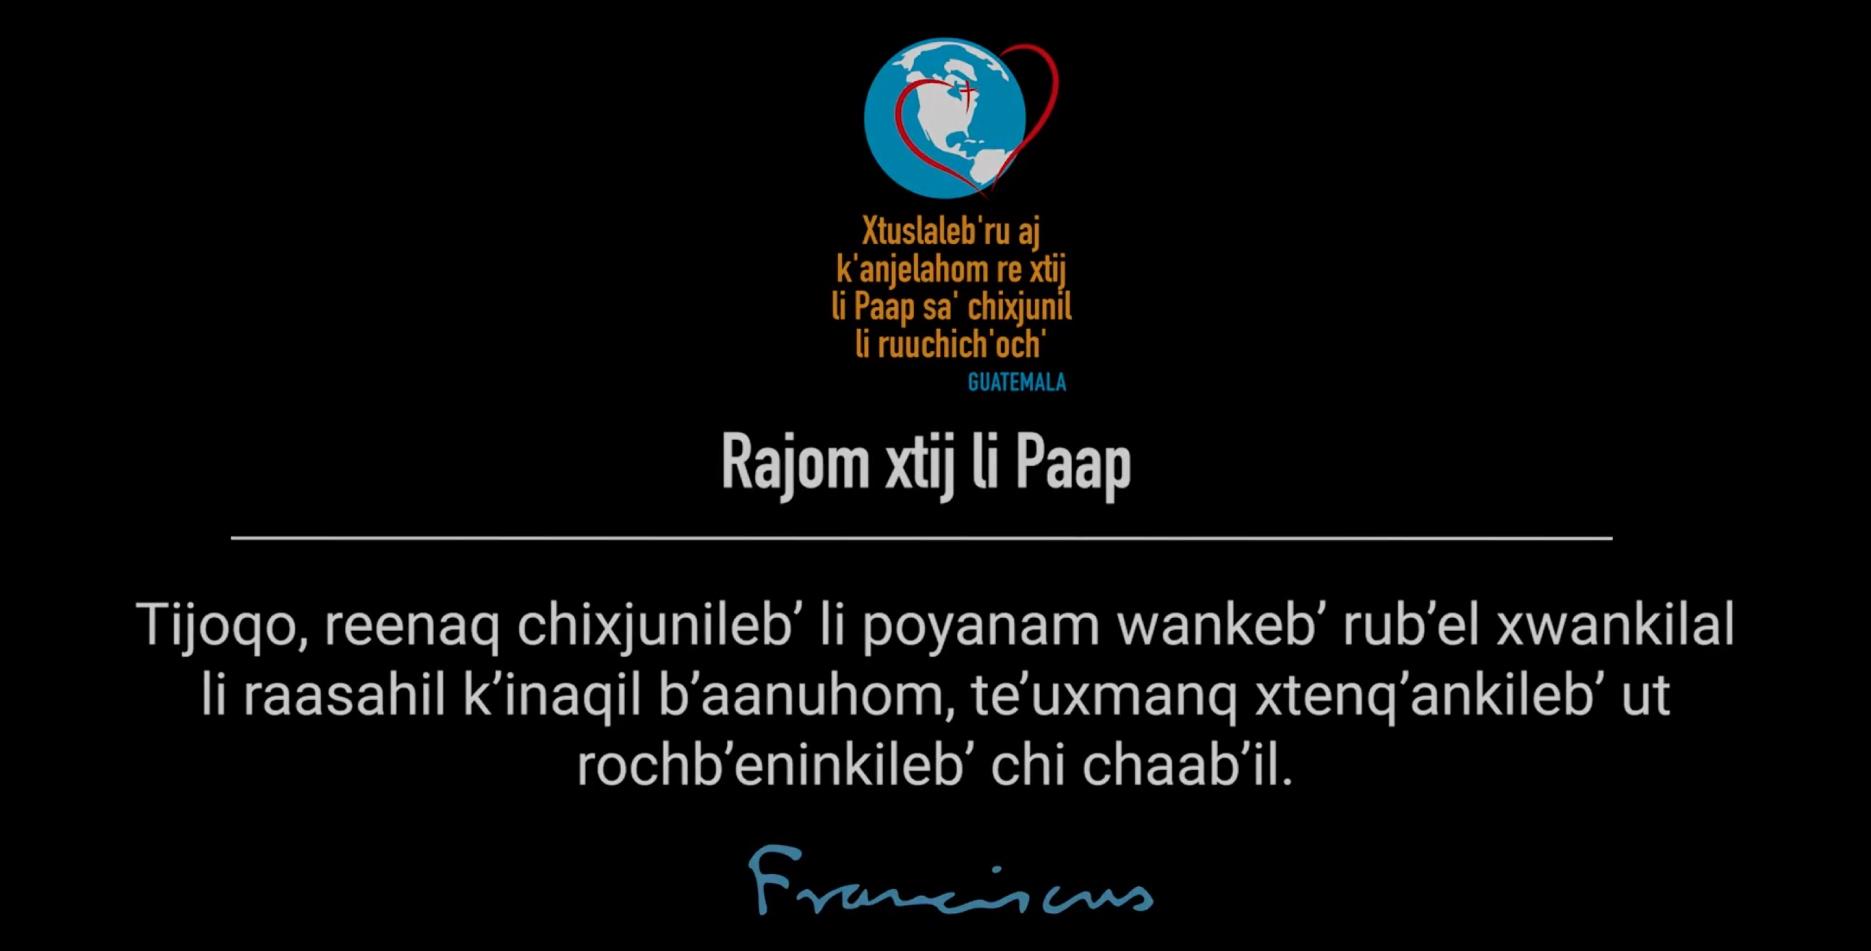 04 | Wank chi ach'ab'anb'il, chiru li k'inaqil raasahil b'aanuhom